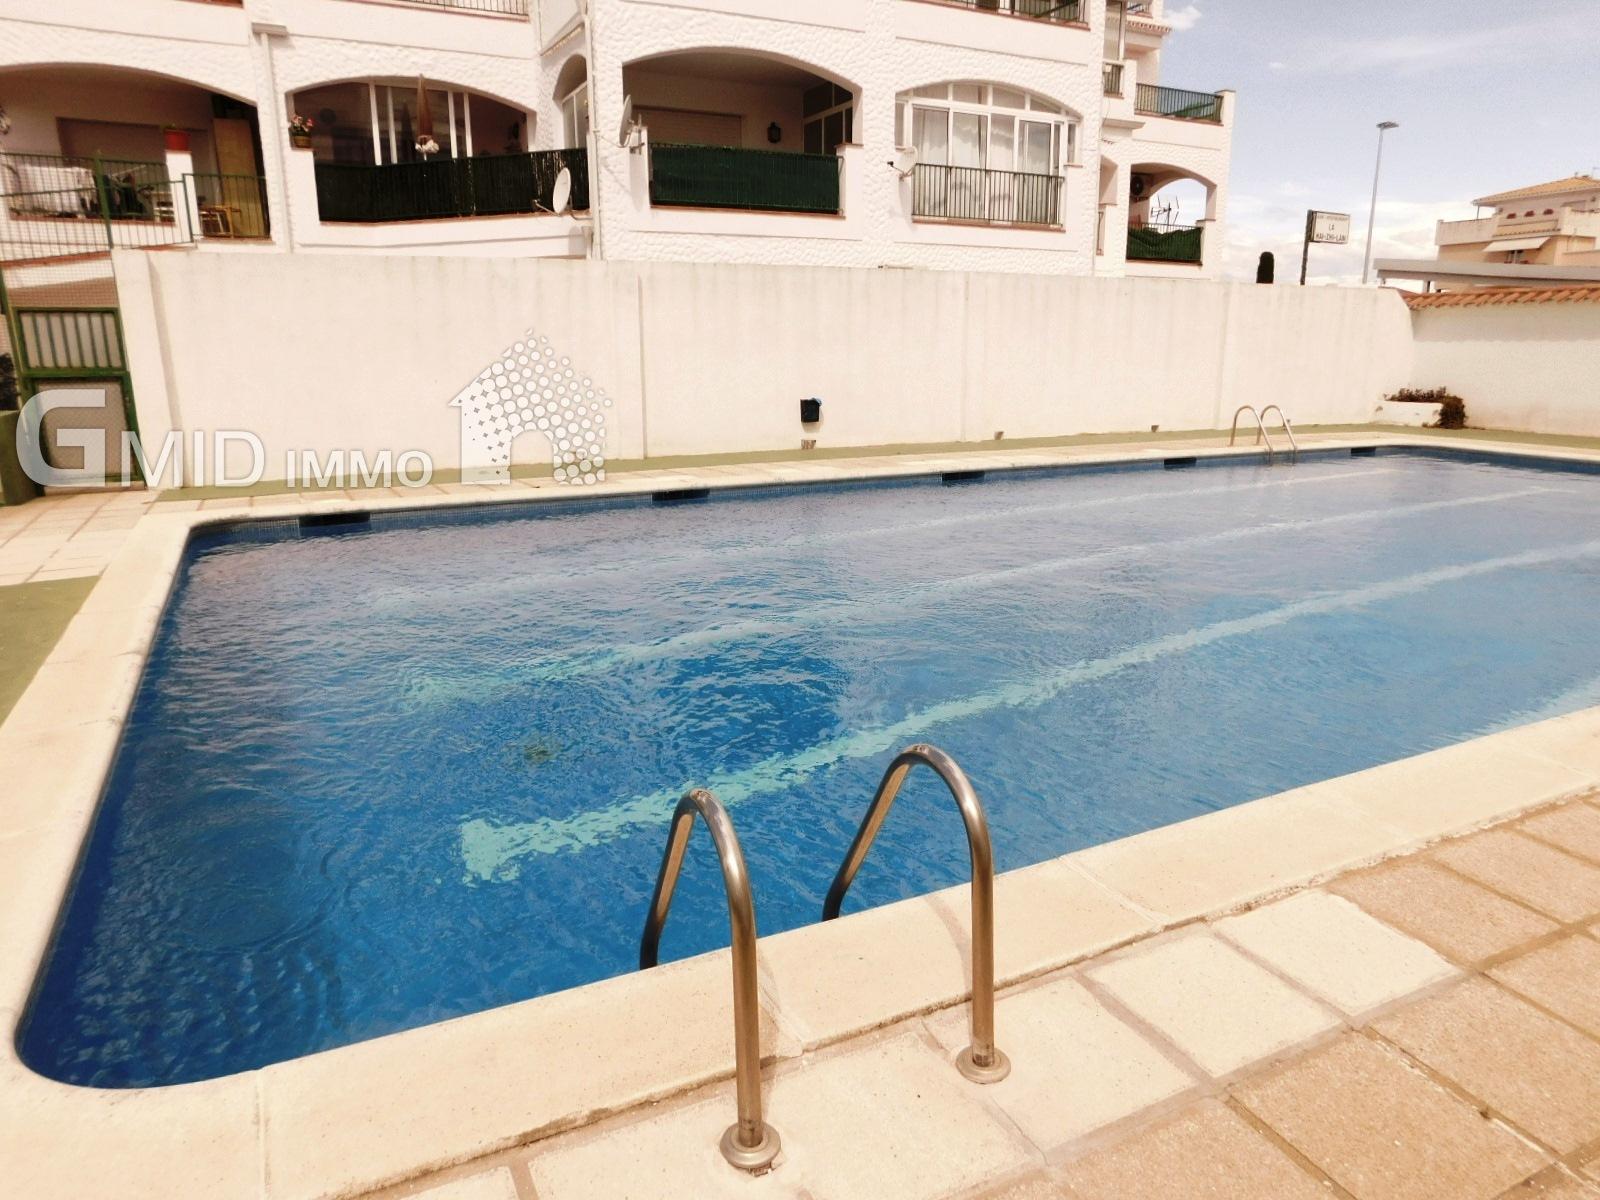 Appartamento con 1 camera da letto, piscina comune a ...